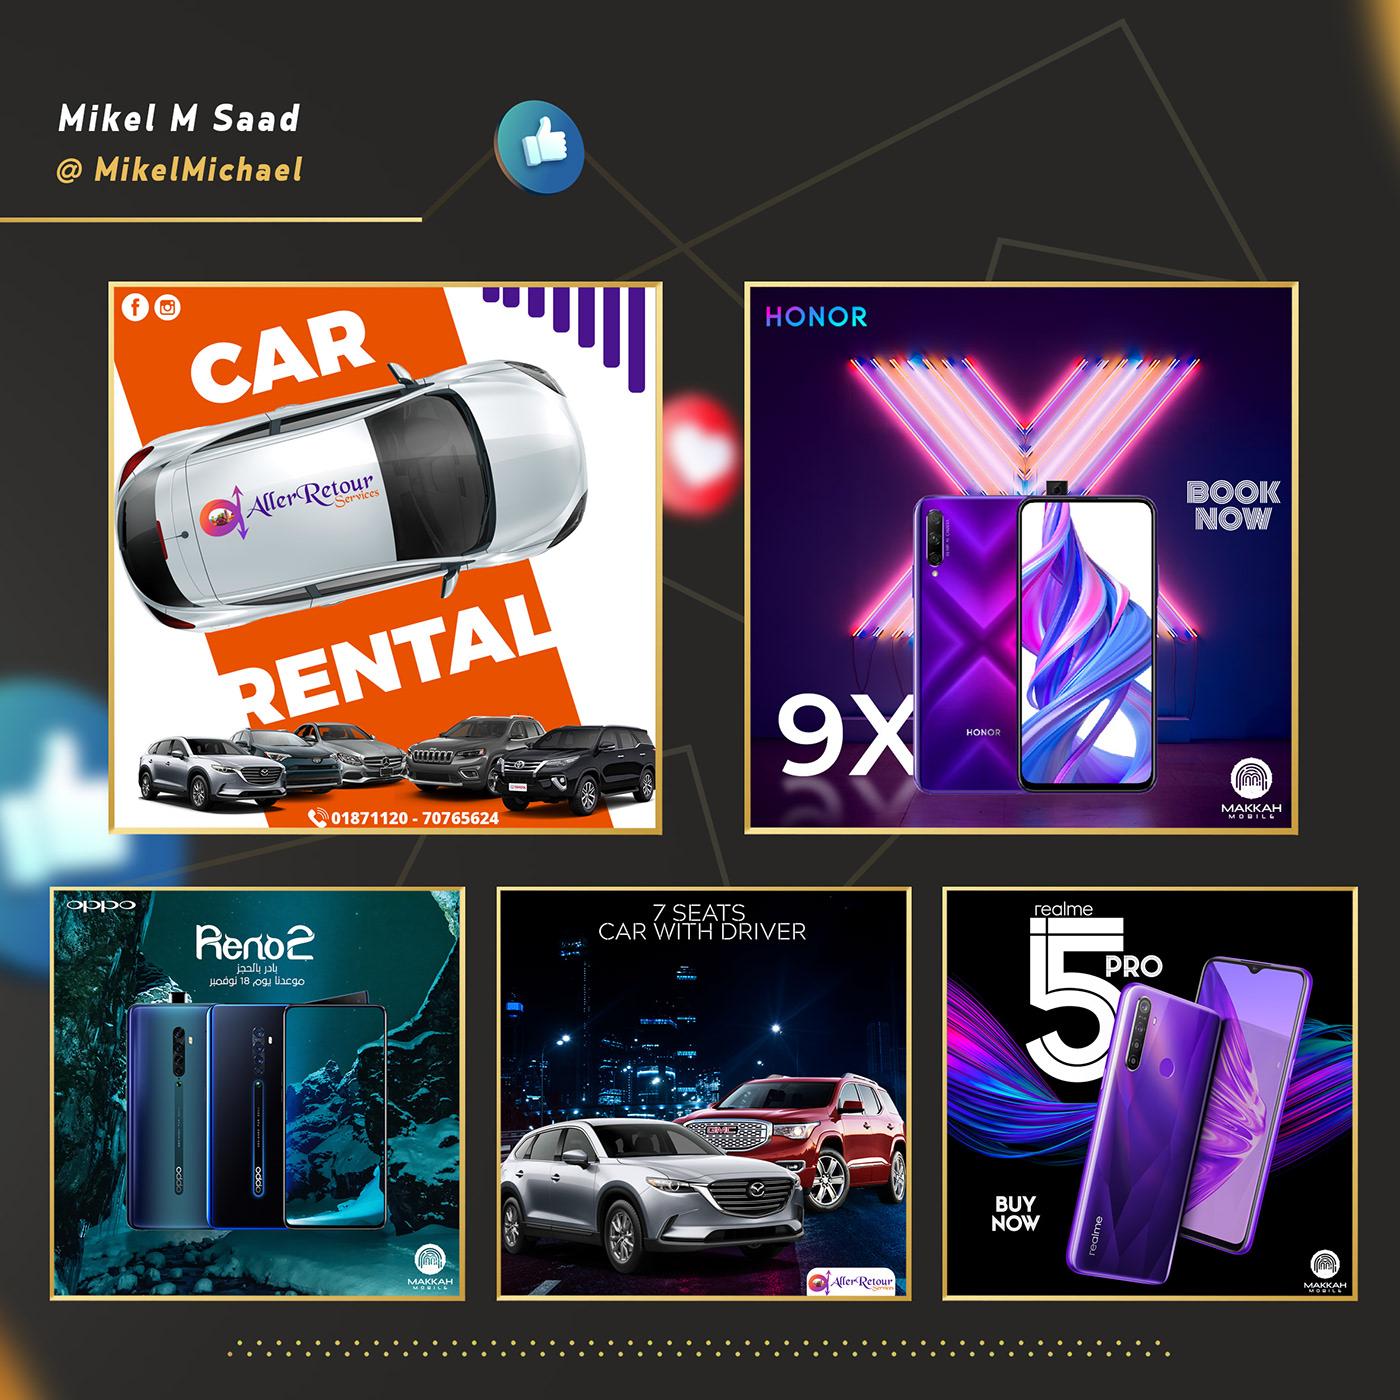 Image may contain: screenshot, car and vehicle